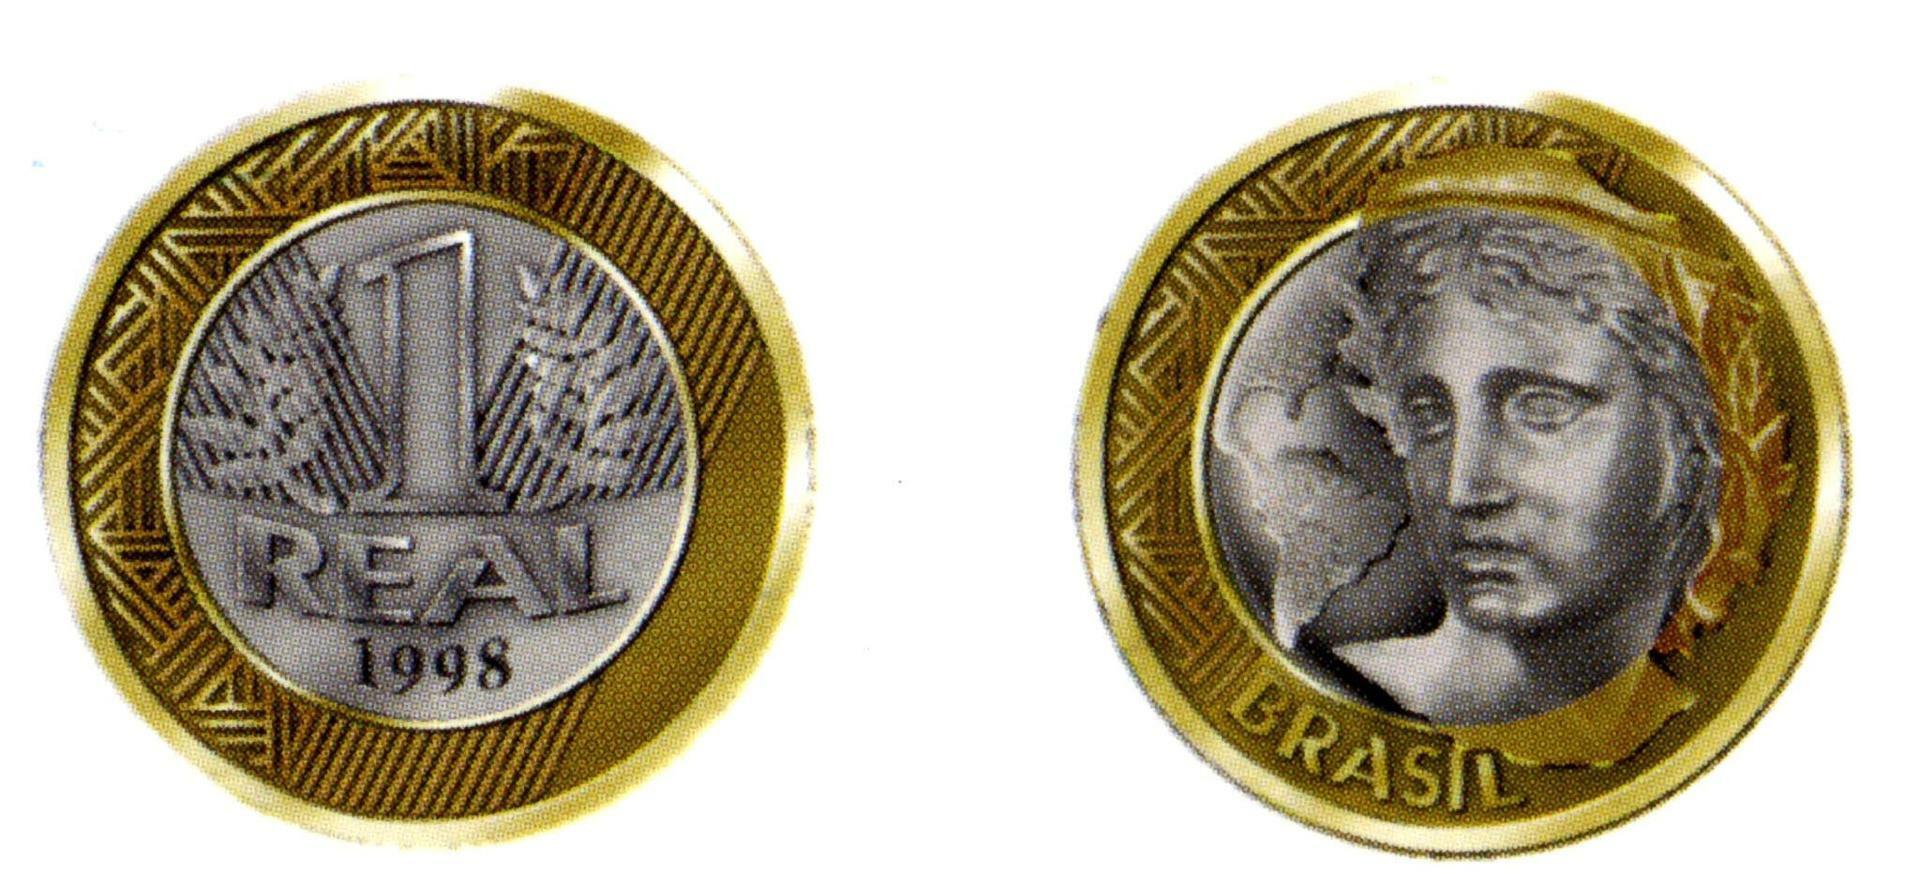 Euro Doppelgänger Mit Diesen Münzen Wird Getrickst